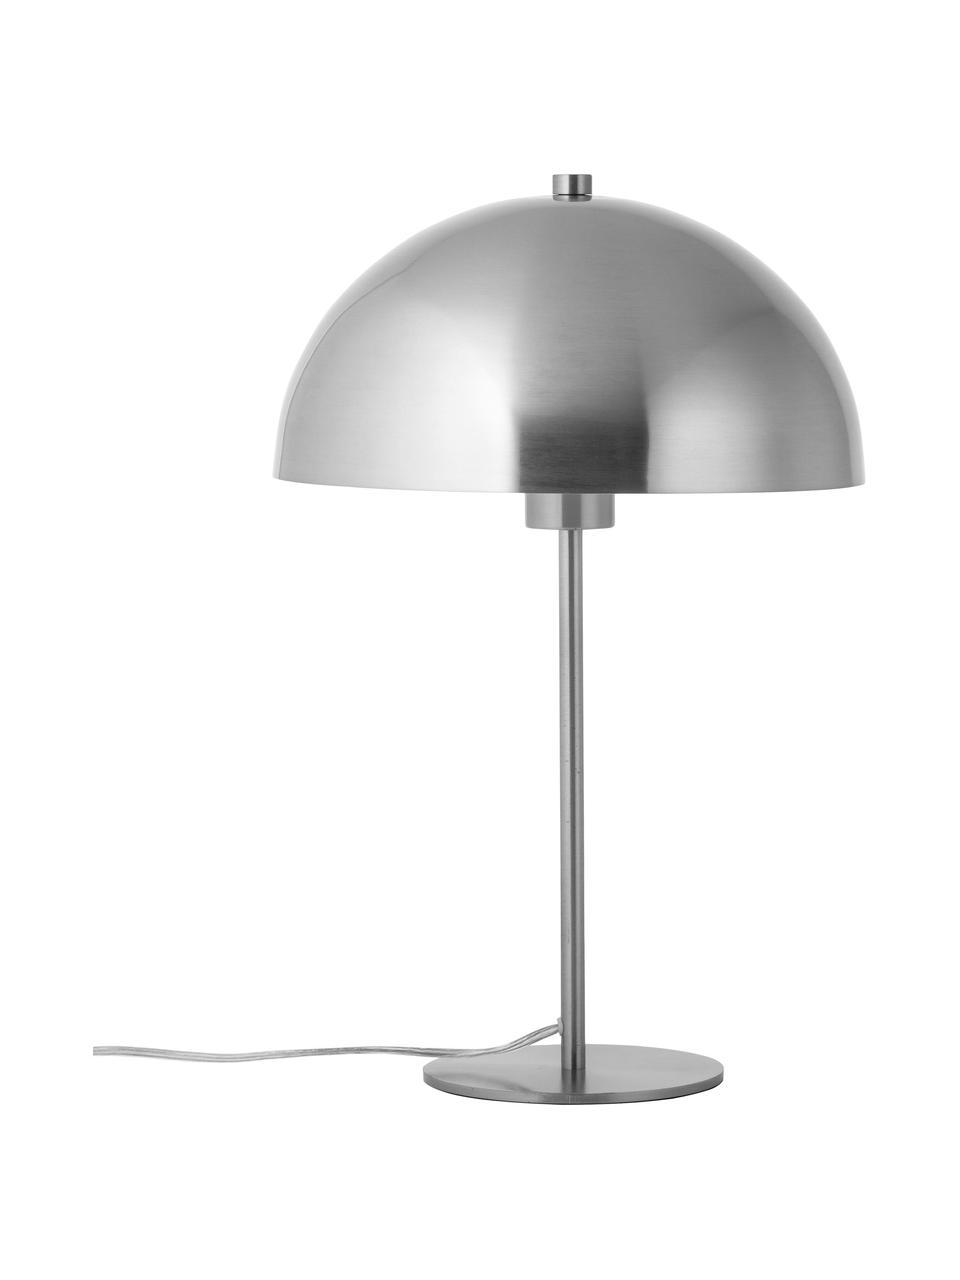 Tischlampe Matilda aus Metall, Lampenschirm: Metall, vernickelt, Lampenfuß: Metall, vernickelt, Nickel, Ø 29 x H 45 cm